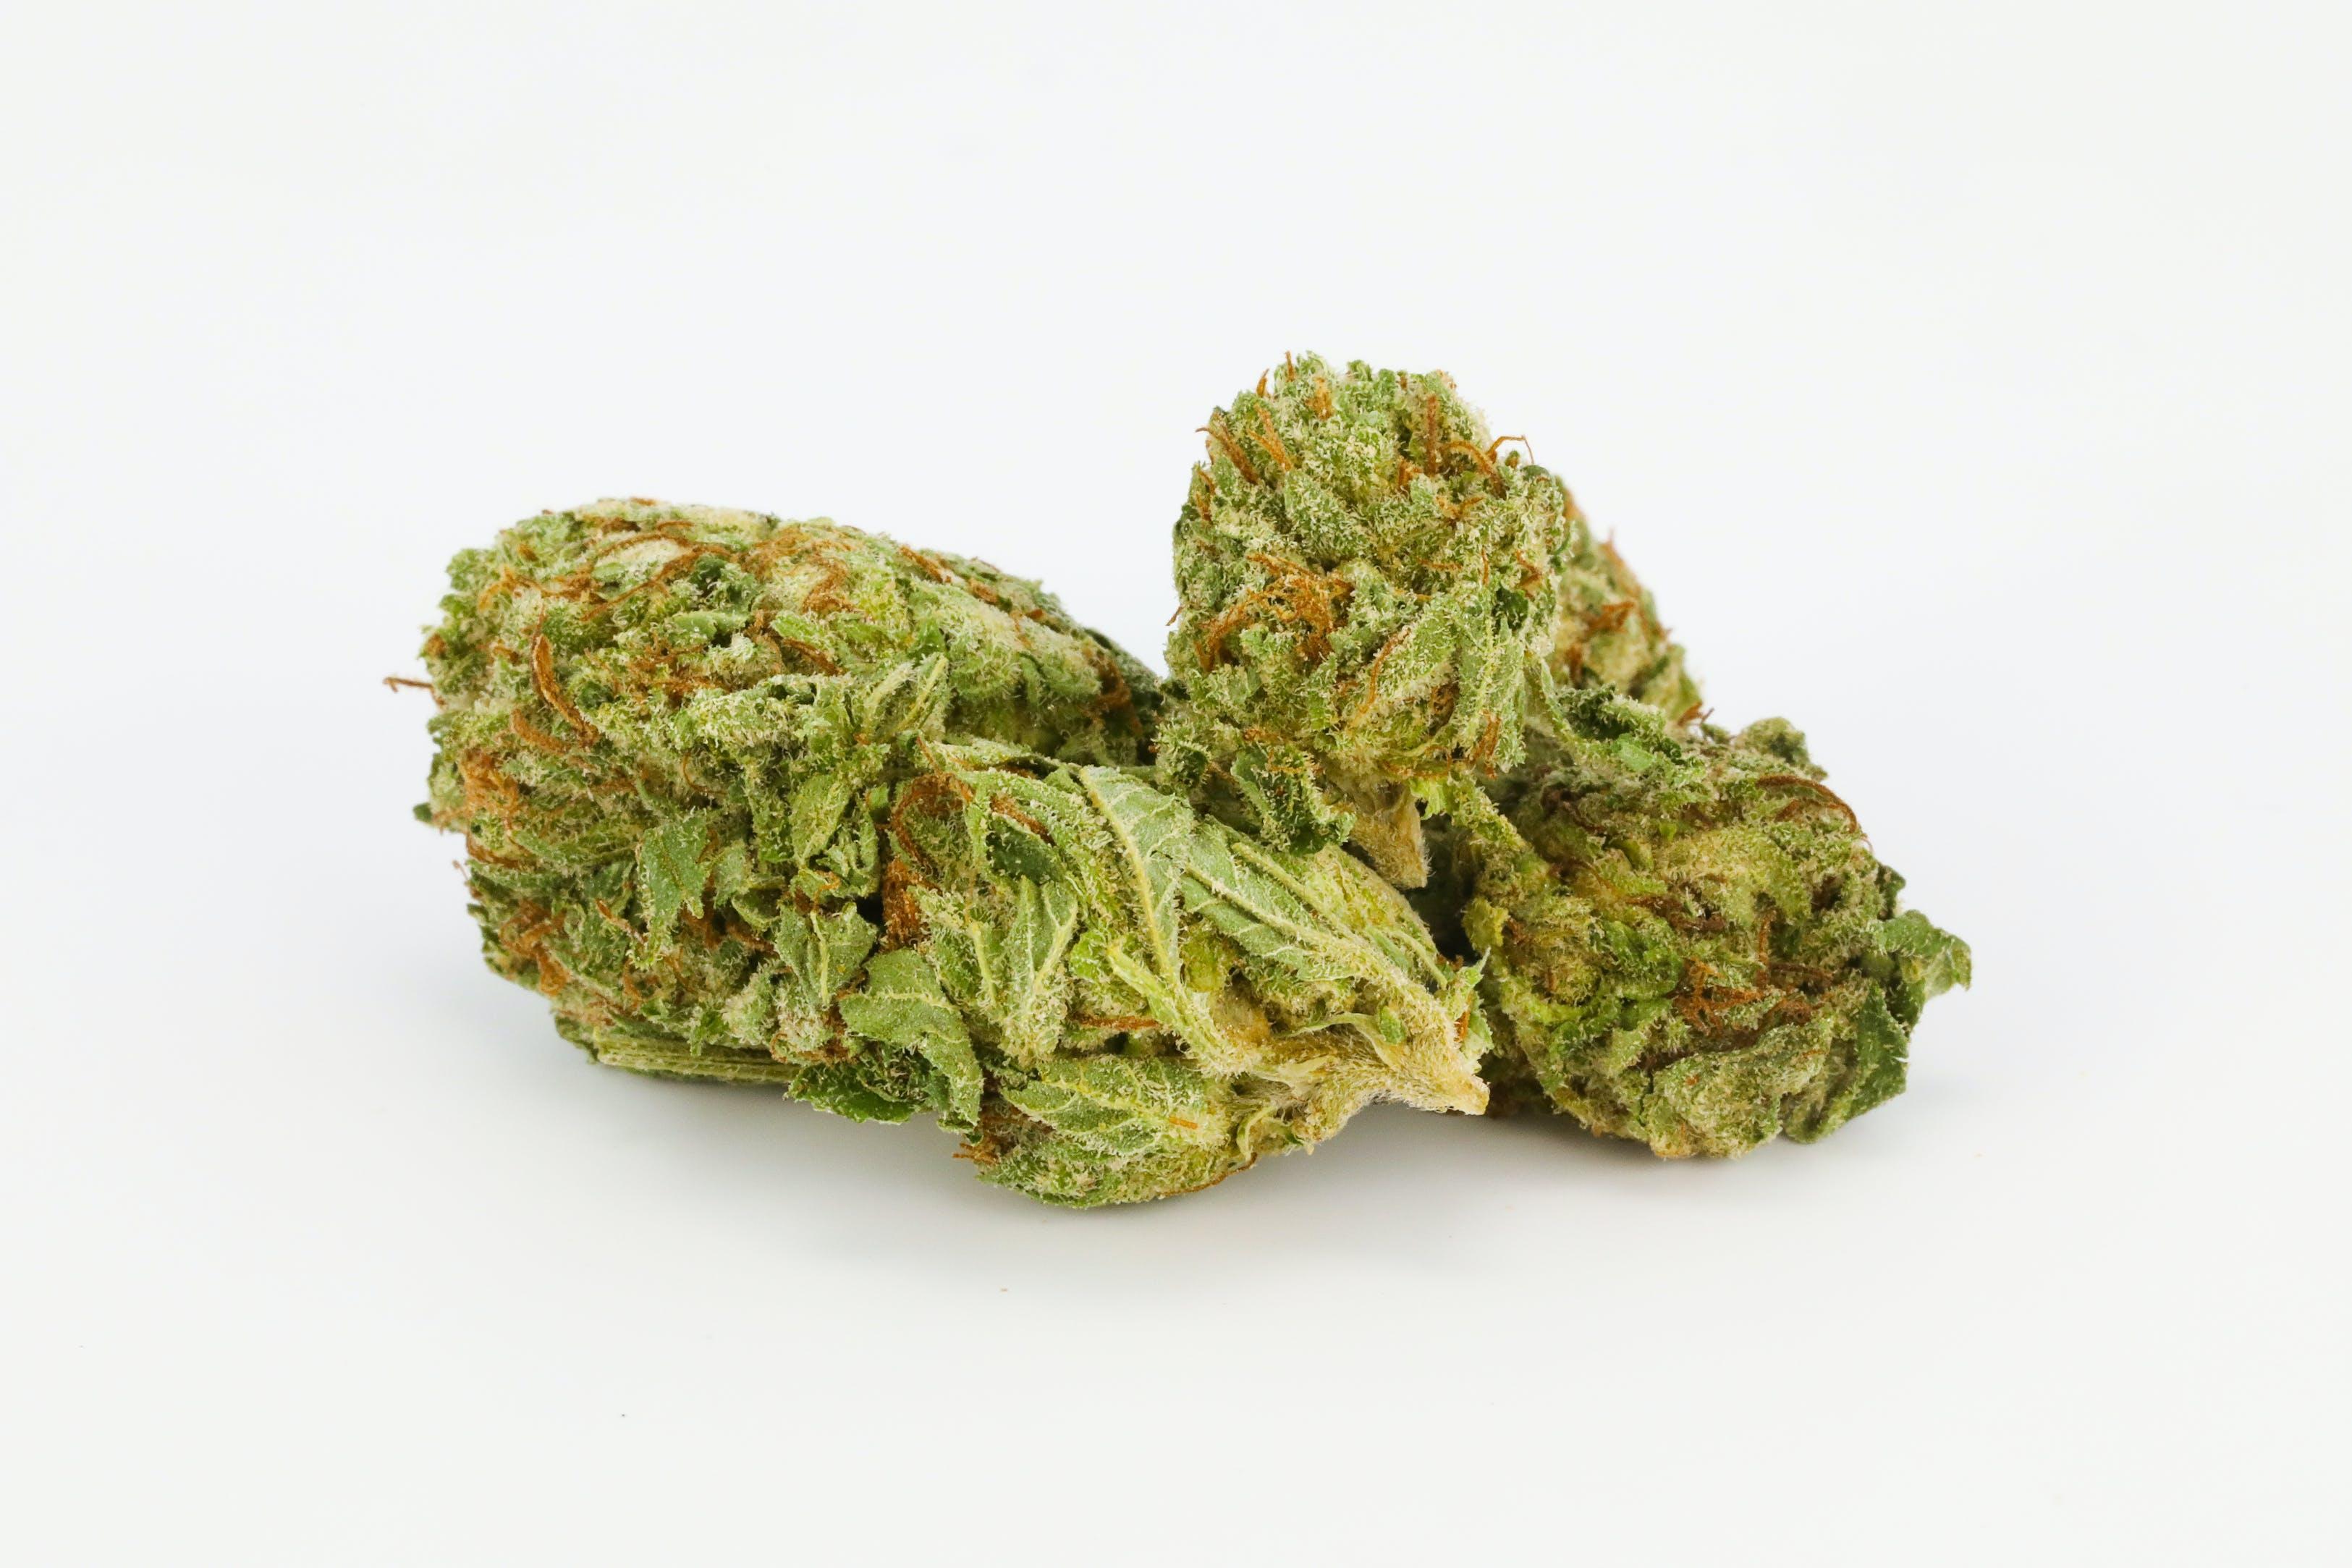 Irene Kush Weed; Irene Kush Cannabis Strain; Irene Kush Hybrid Marijuana Strain